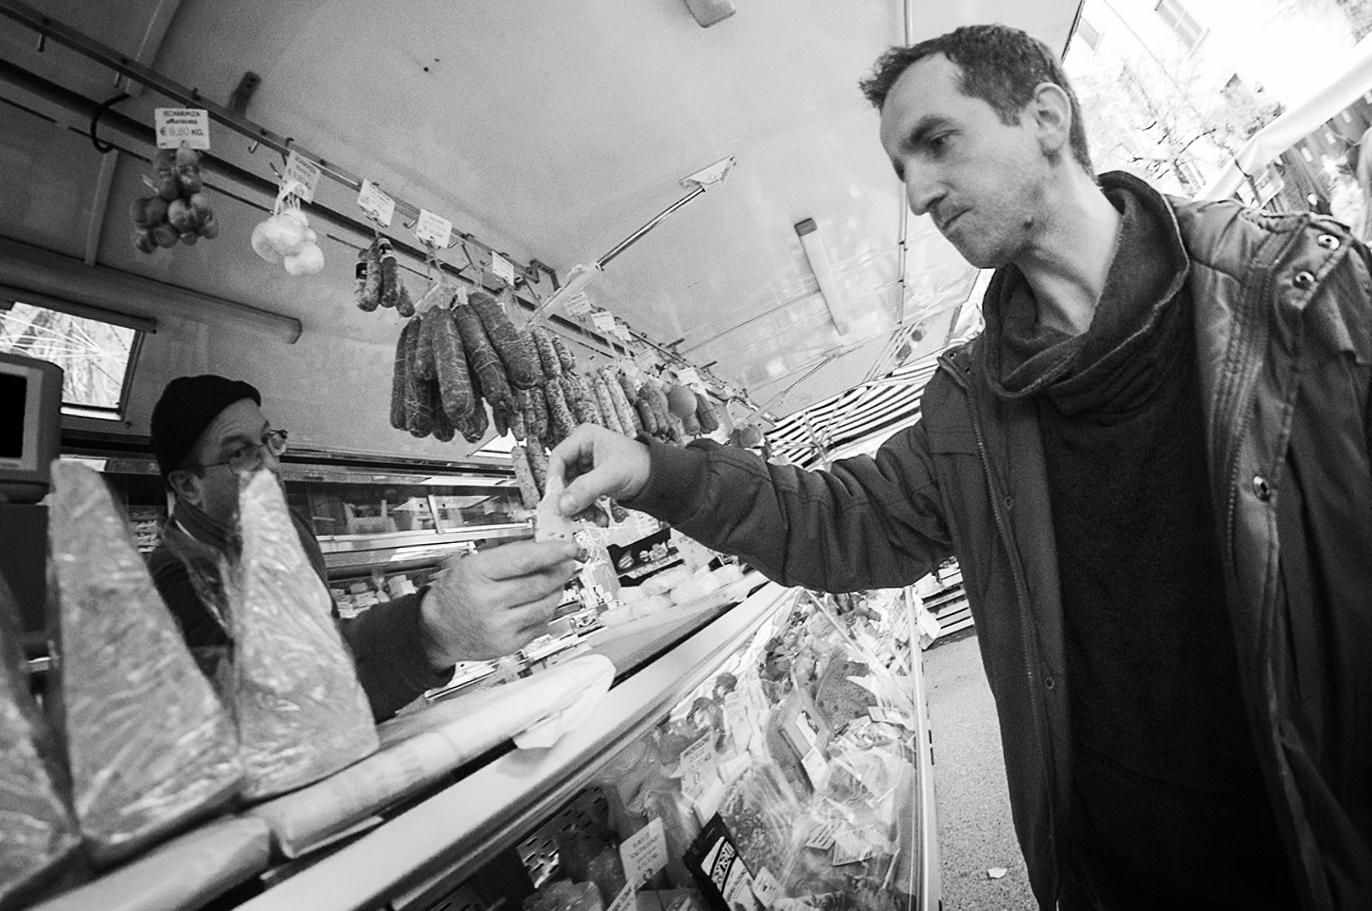 MILUNA-Ewa-Milun-Walczak-Na-Straganie-W-Dzien-targowy-Mediolan-Wlochy-bazar-targ-warzywa-ludzie-tlumy-reportaz-zakupy-10